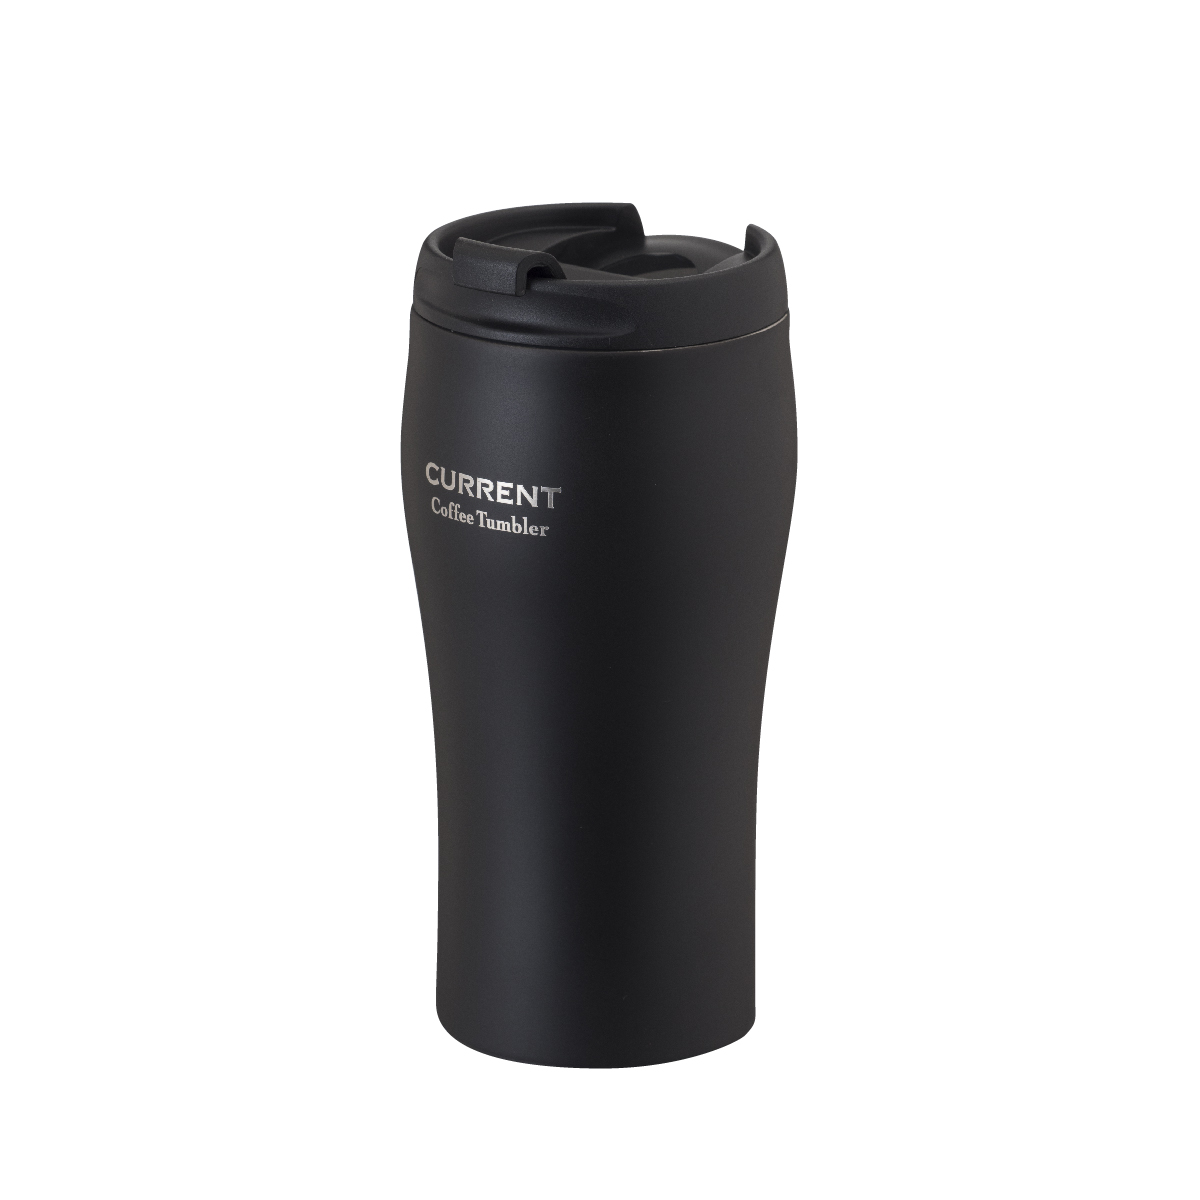 CURRENT フタ付きコーヒータンブラー 350ml  ブラック